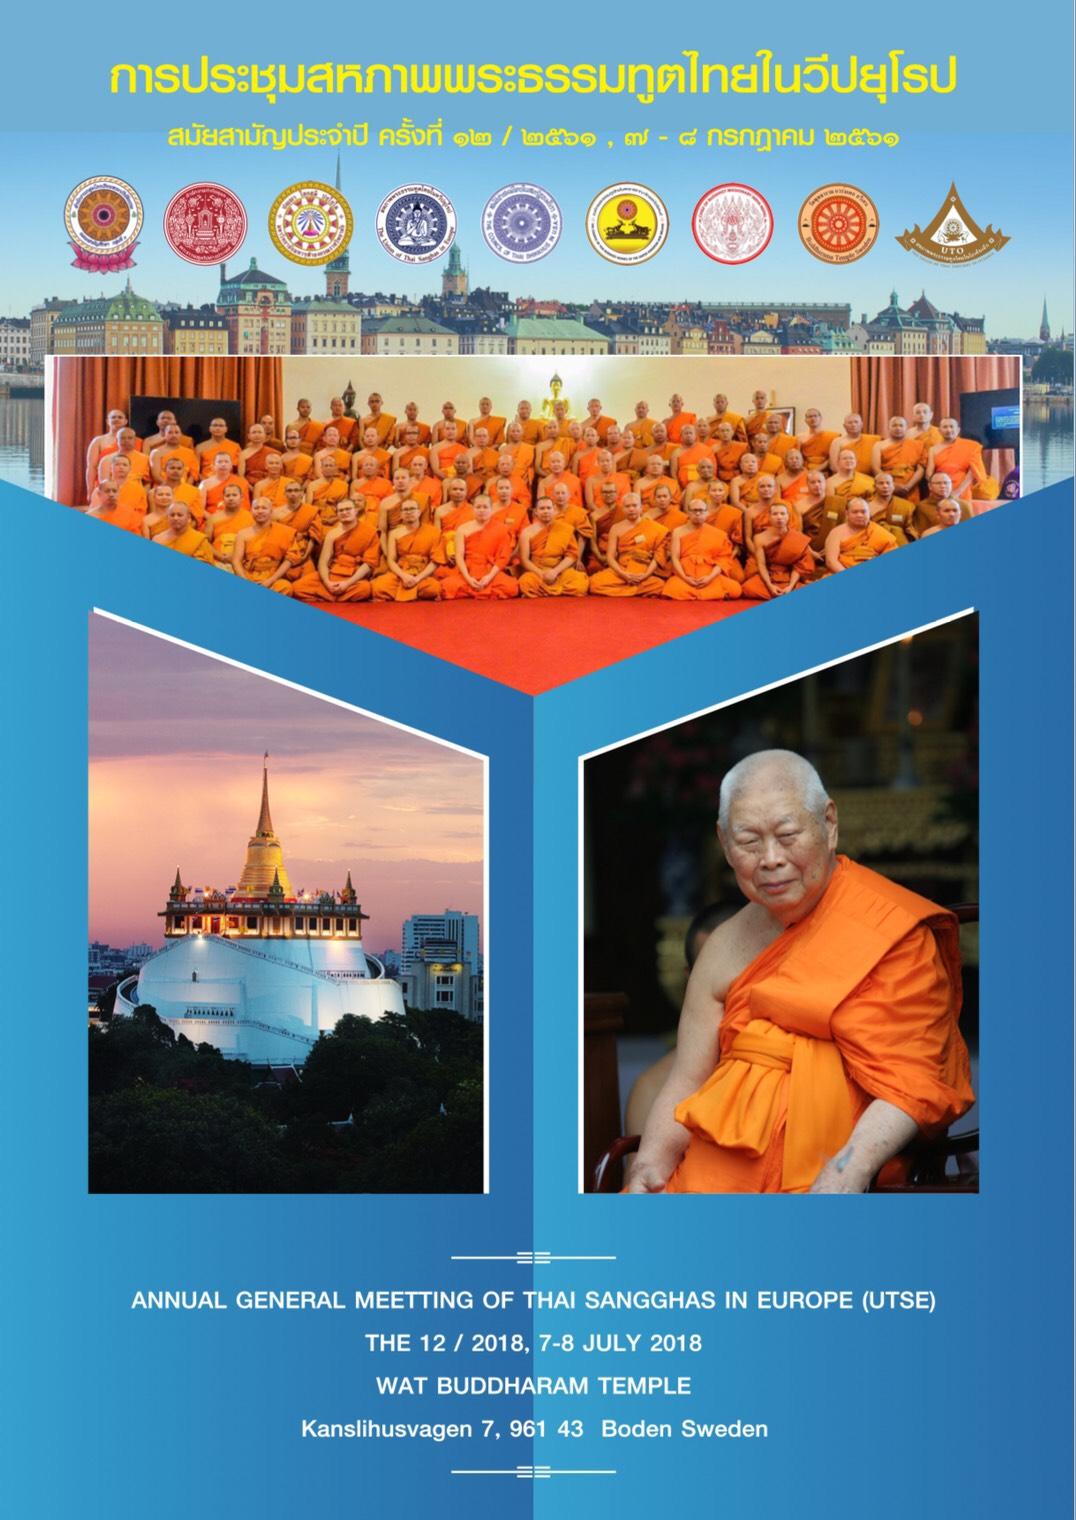 610707-8 พระโสภณวชิราภรณ์ รอง กต พมยงยุทธ ไปร่วมประชุม สธย ยุโรป 9